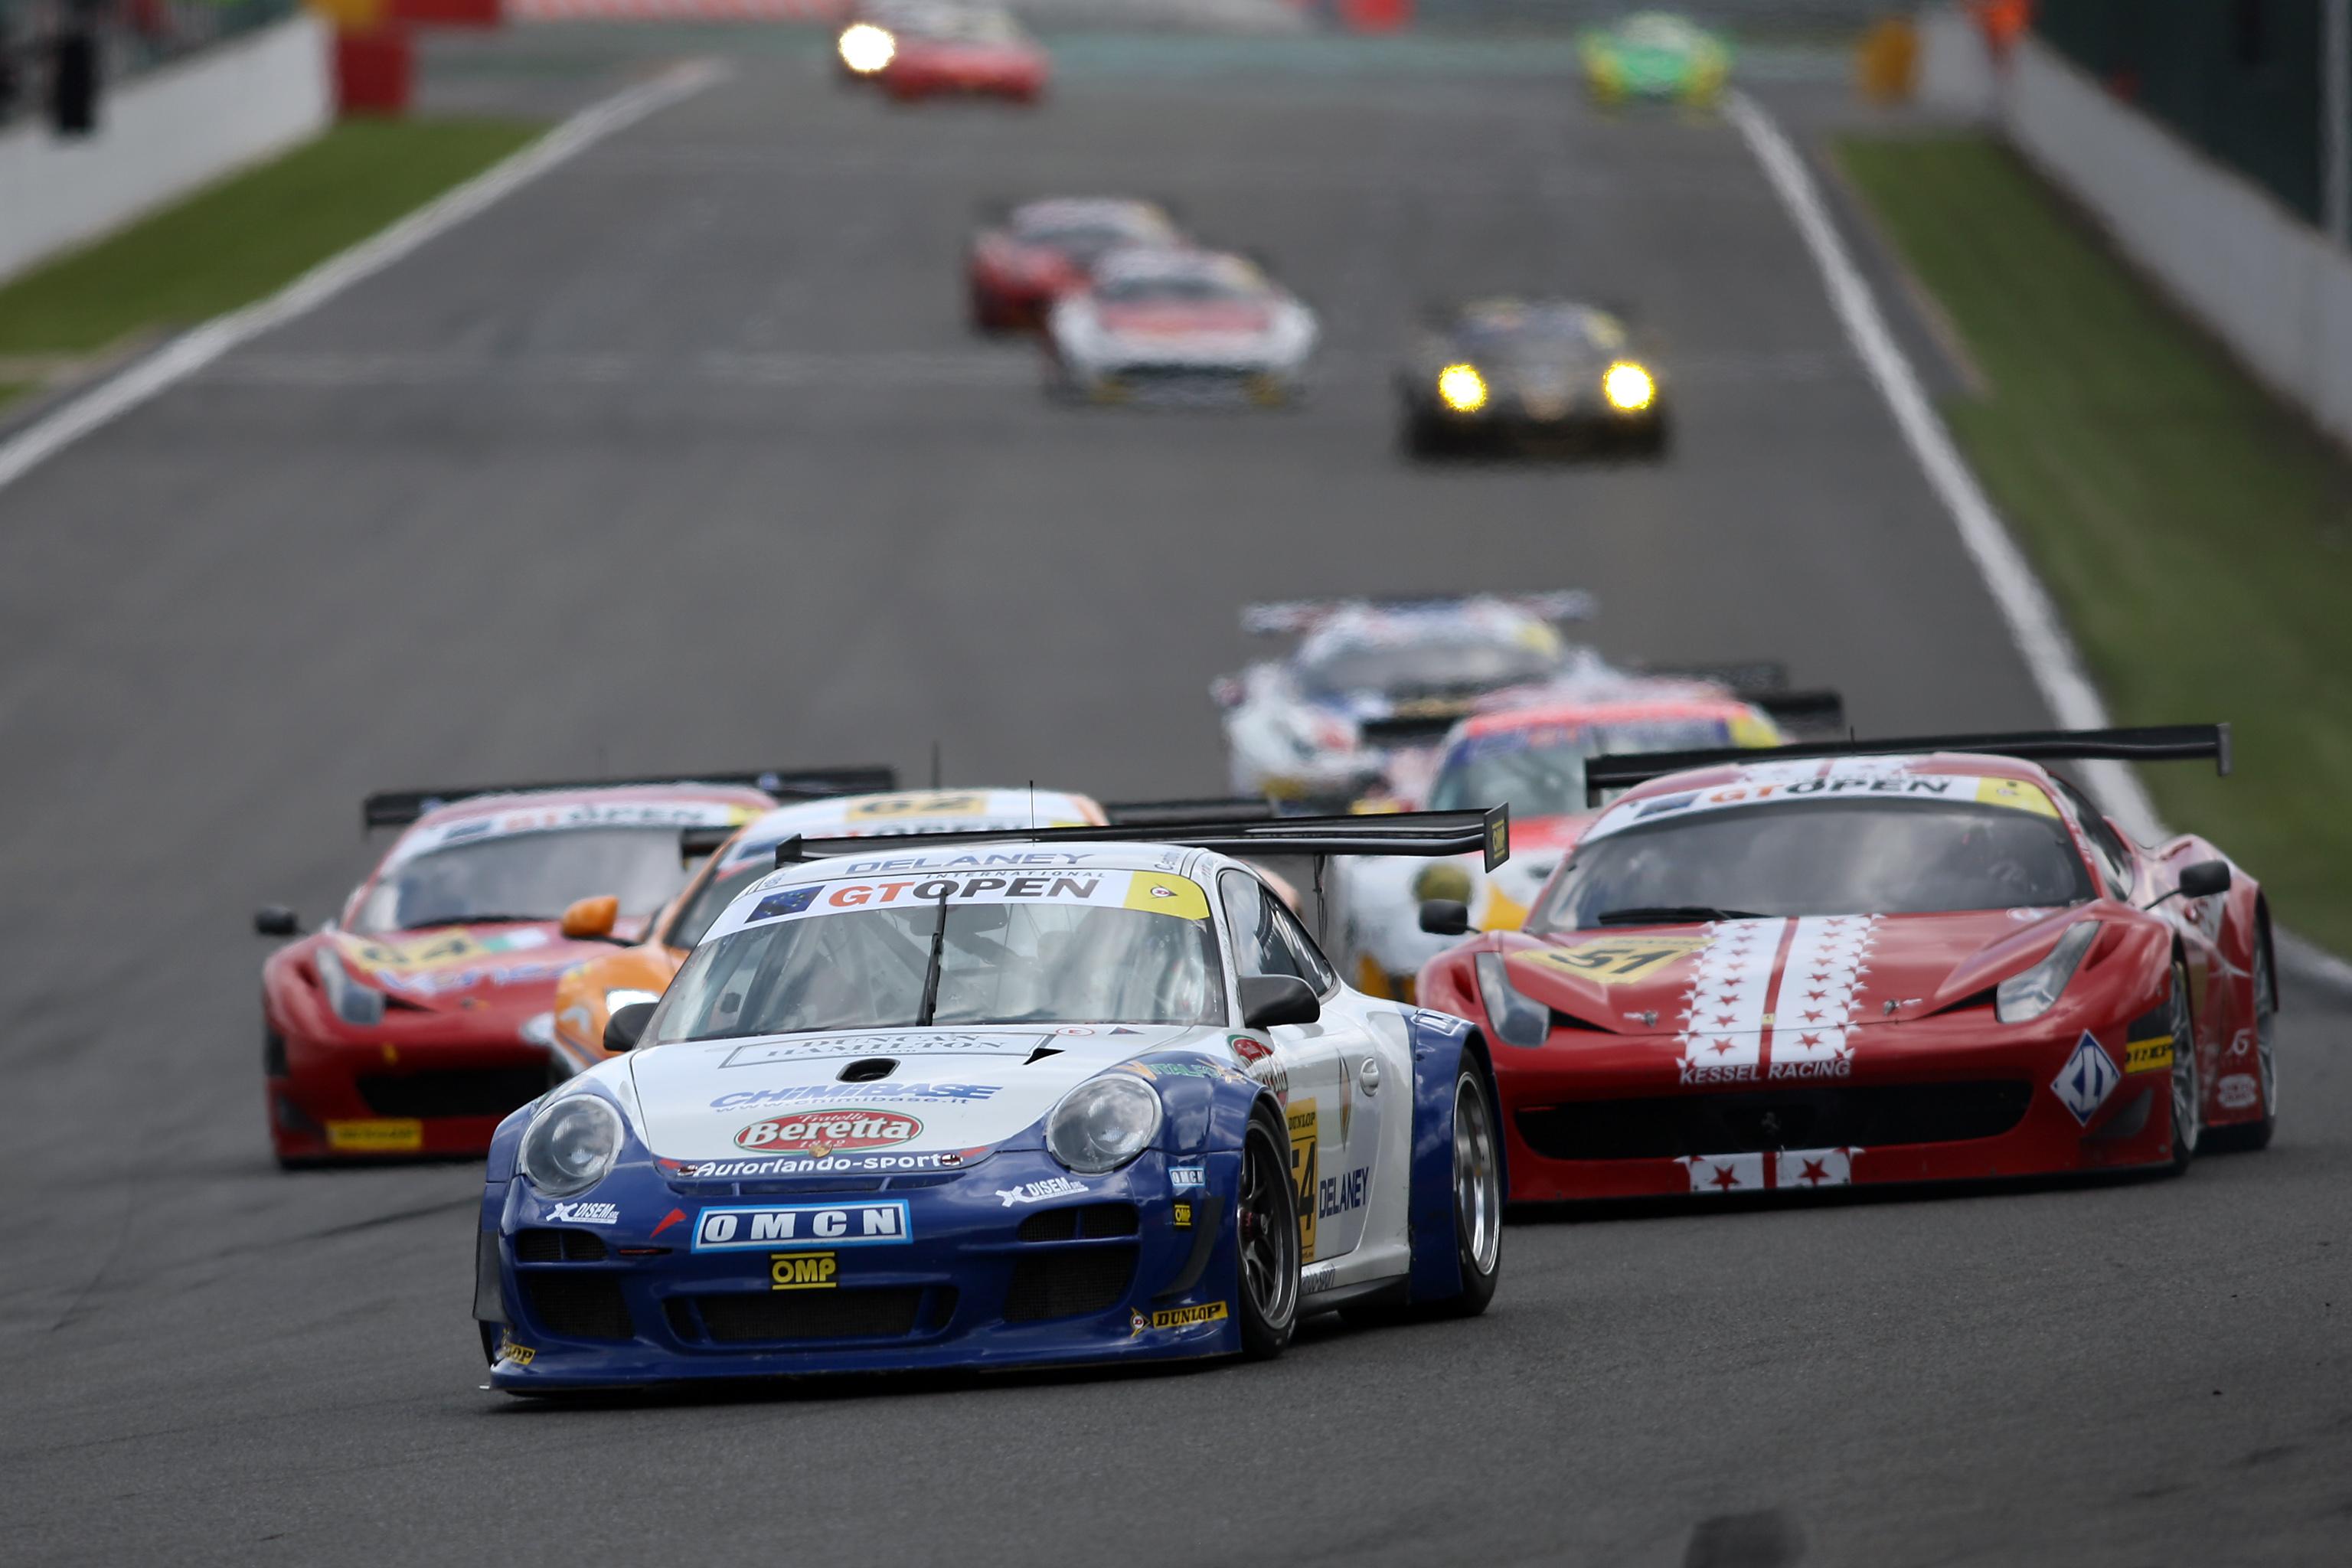 m12_2079_fine Cozy Prix D'une Porsche 911 Gt1 Cars Trend